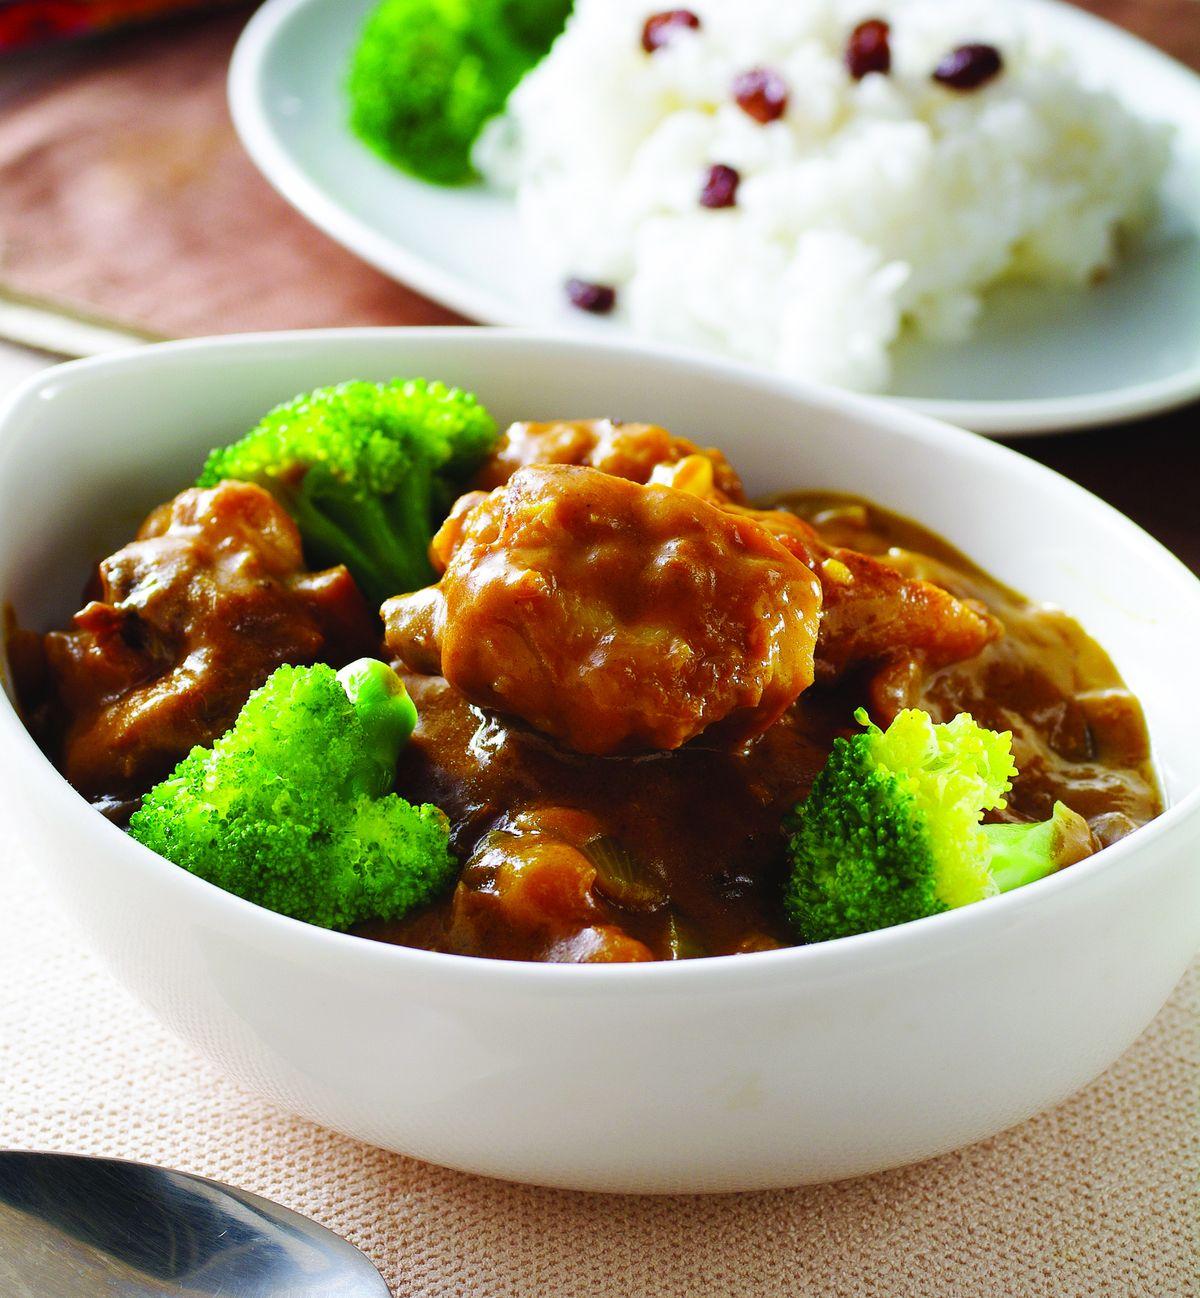 食譜:唐揚椰香雞肉咖哩